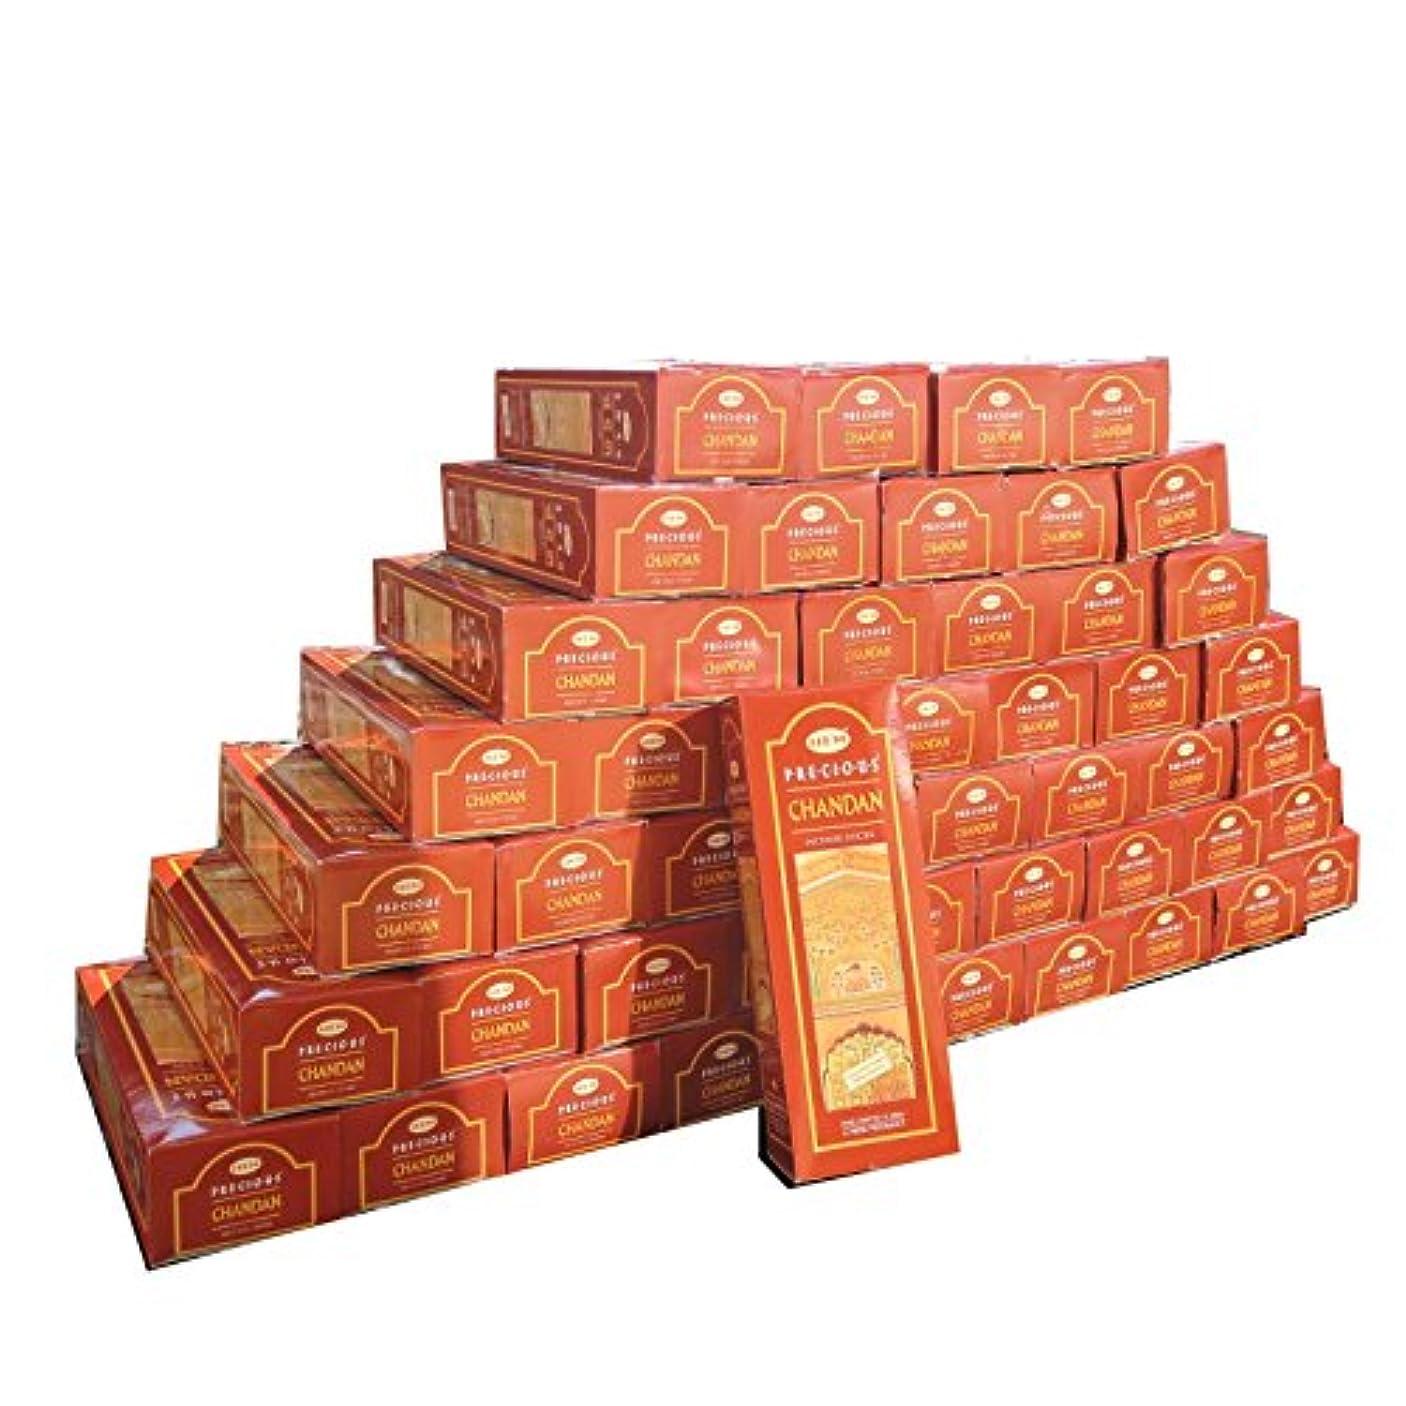 大声でバイオリン湿地業務用 インドスティック形お香 プレシャスチャンダン 300箱入り